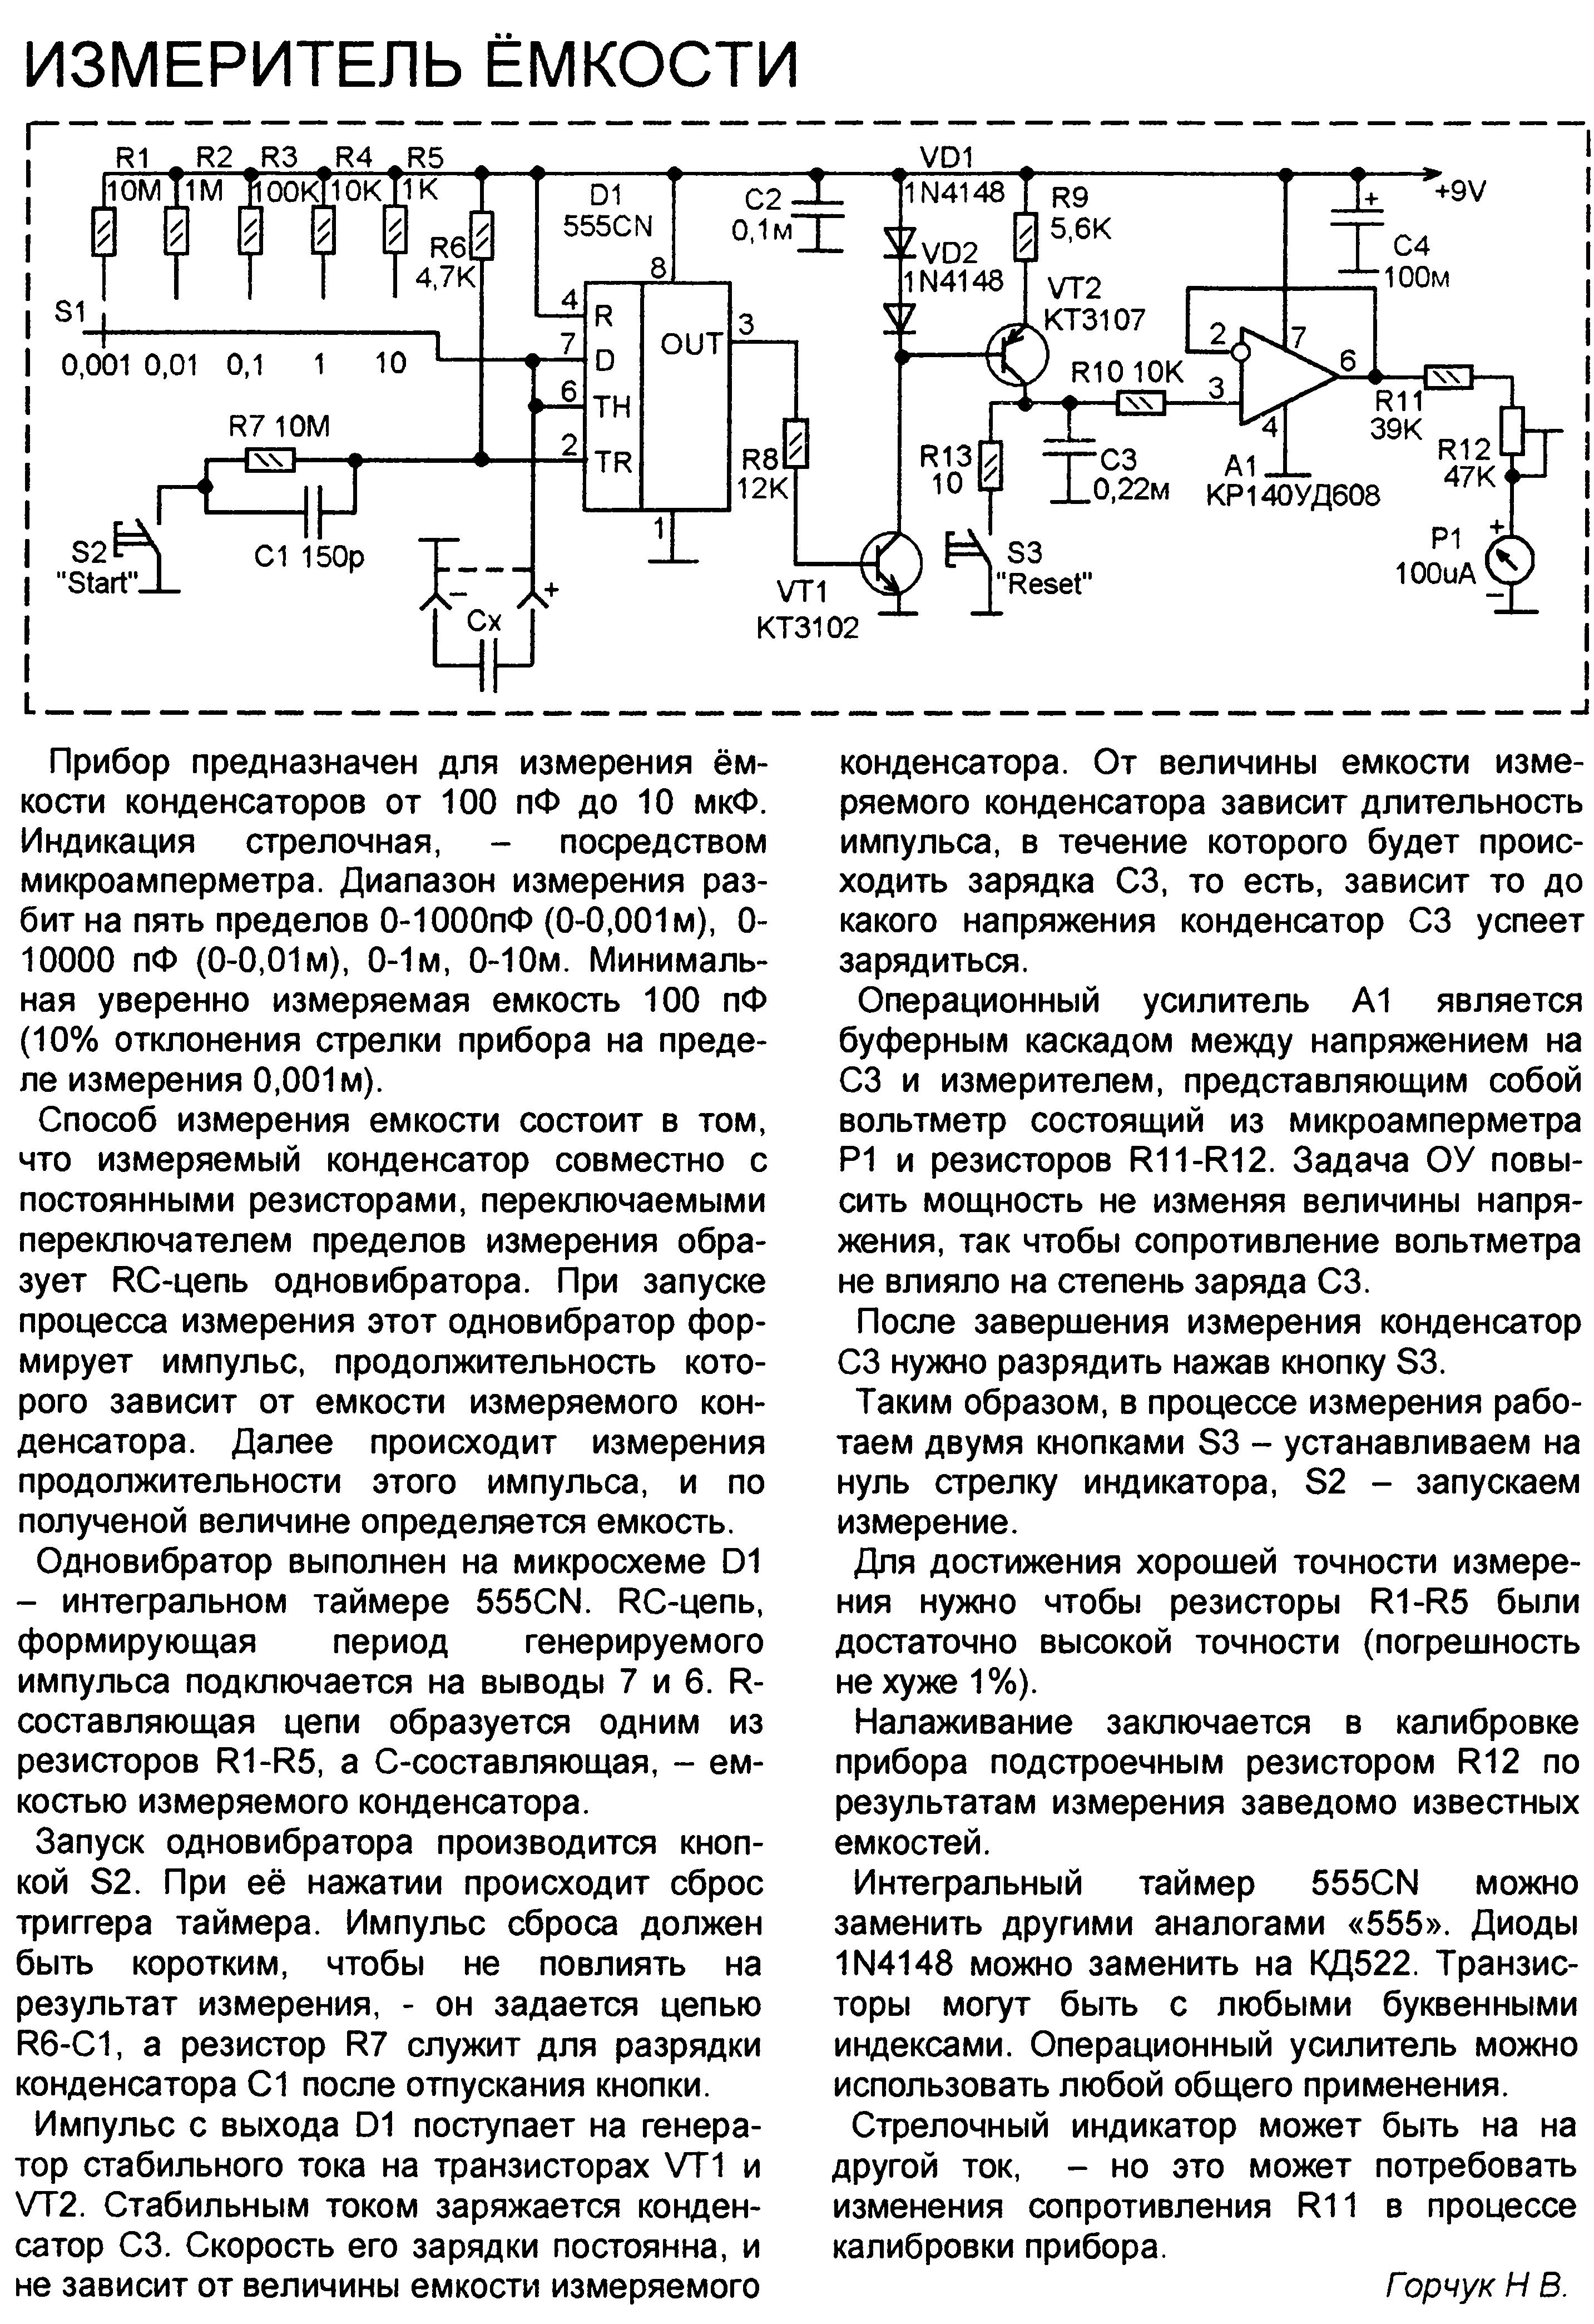 Измеритель емкости конденсатора своими руками